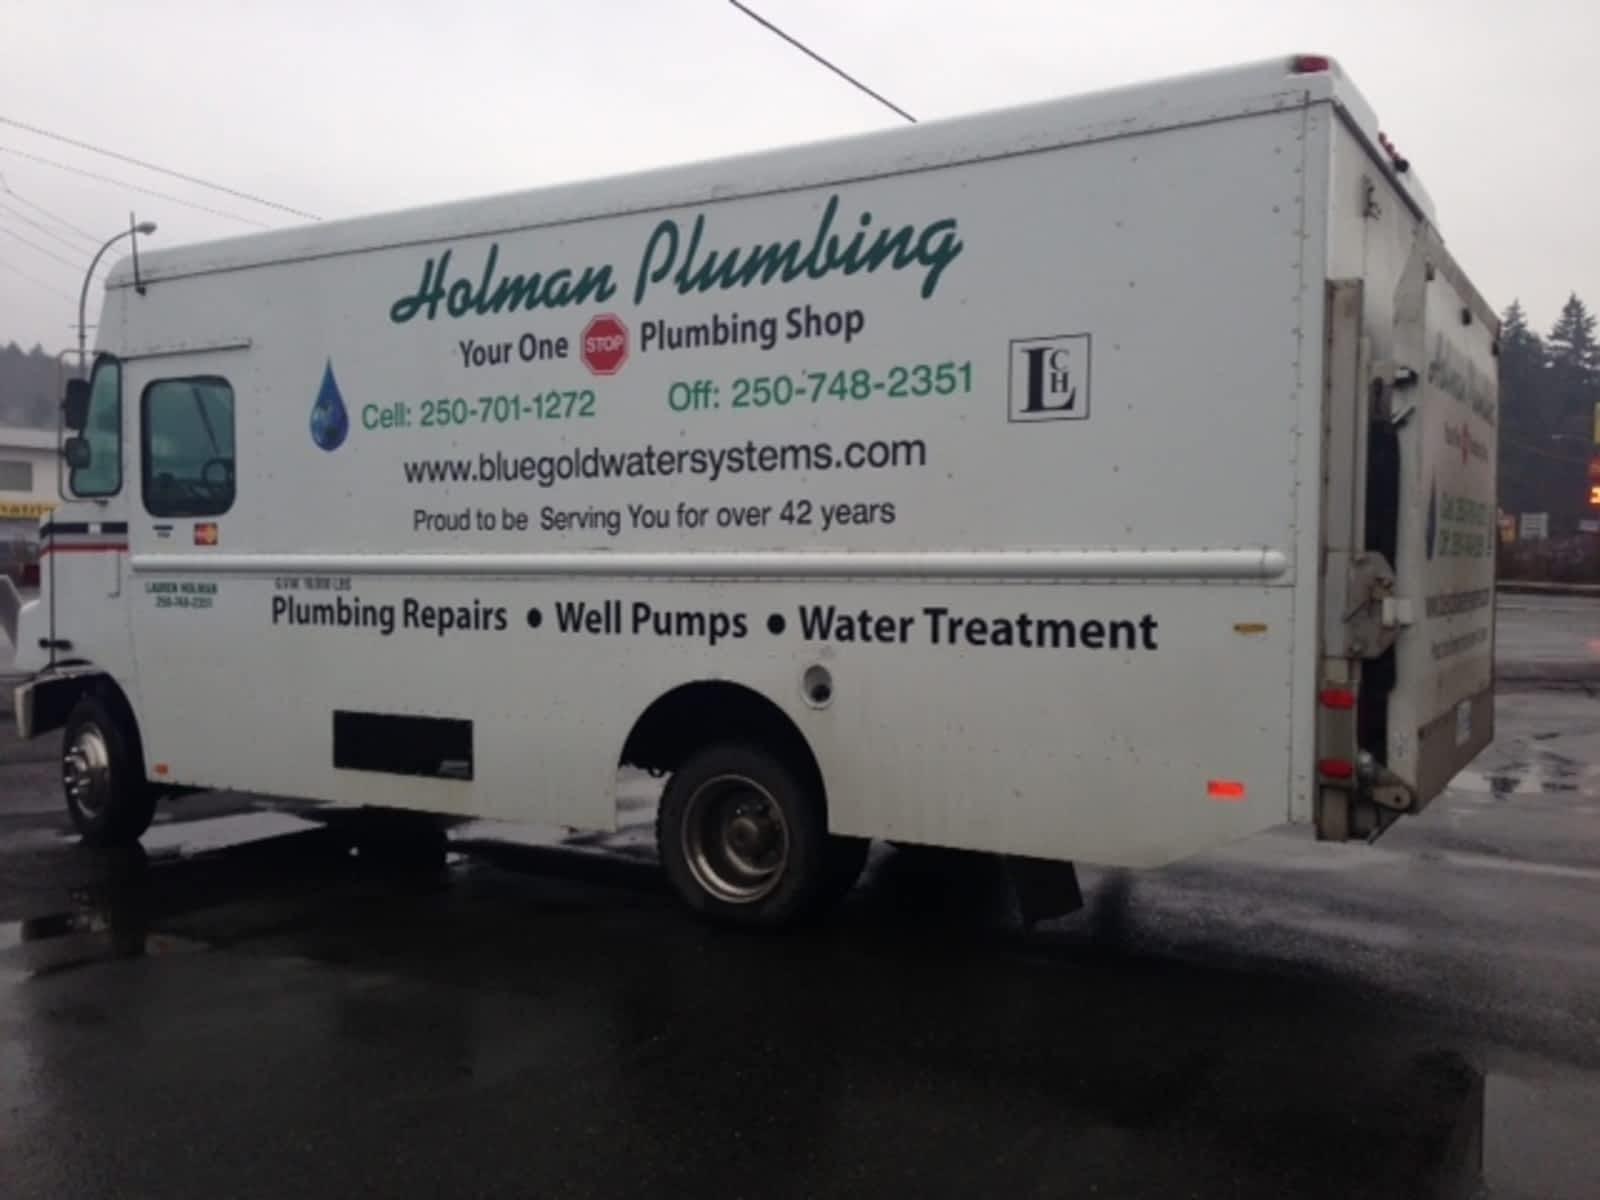 plumbing facebook heating may id duncansplumbing home image s media contain indoor duncan